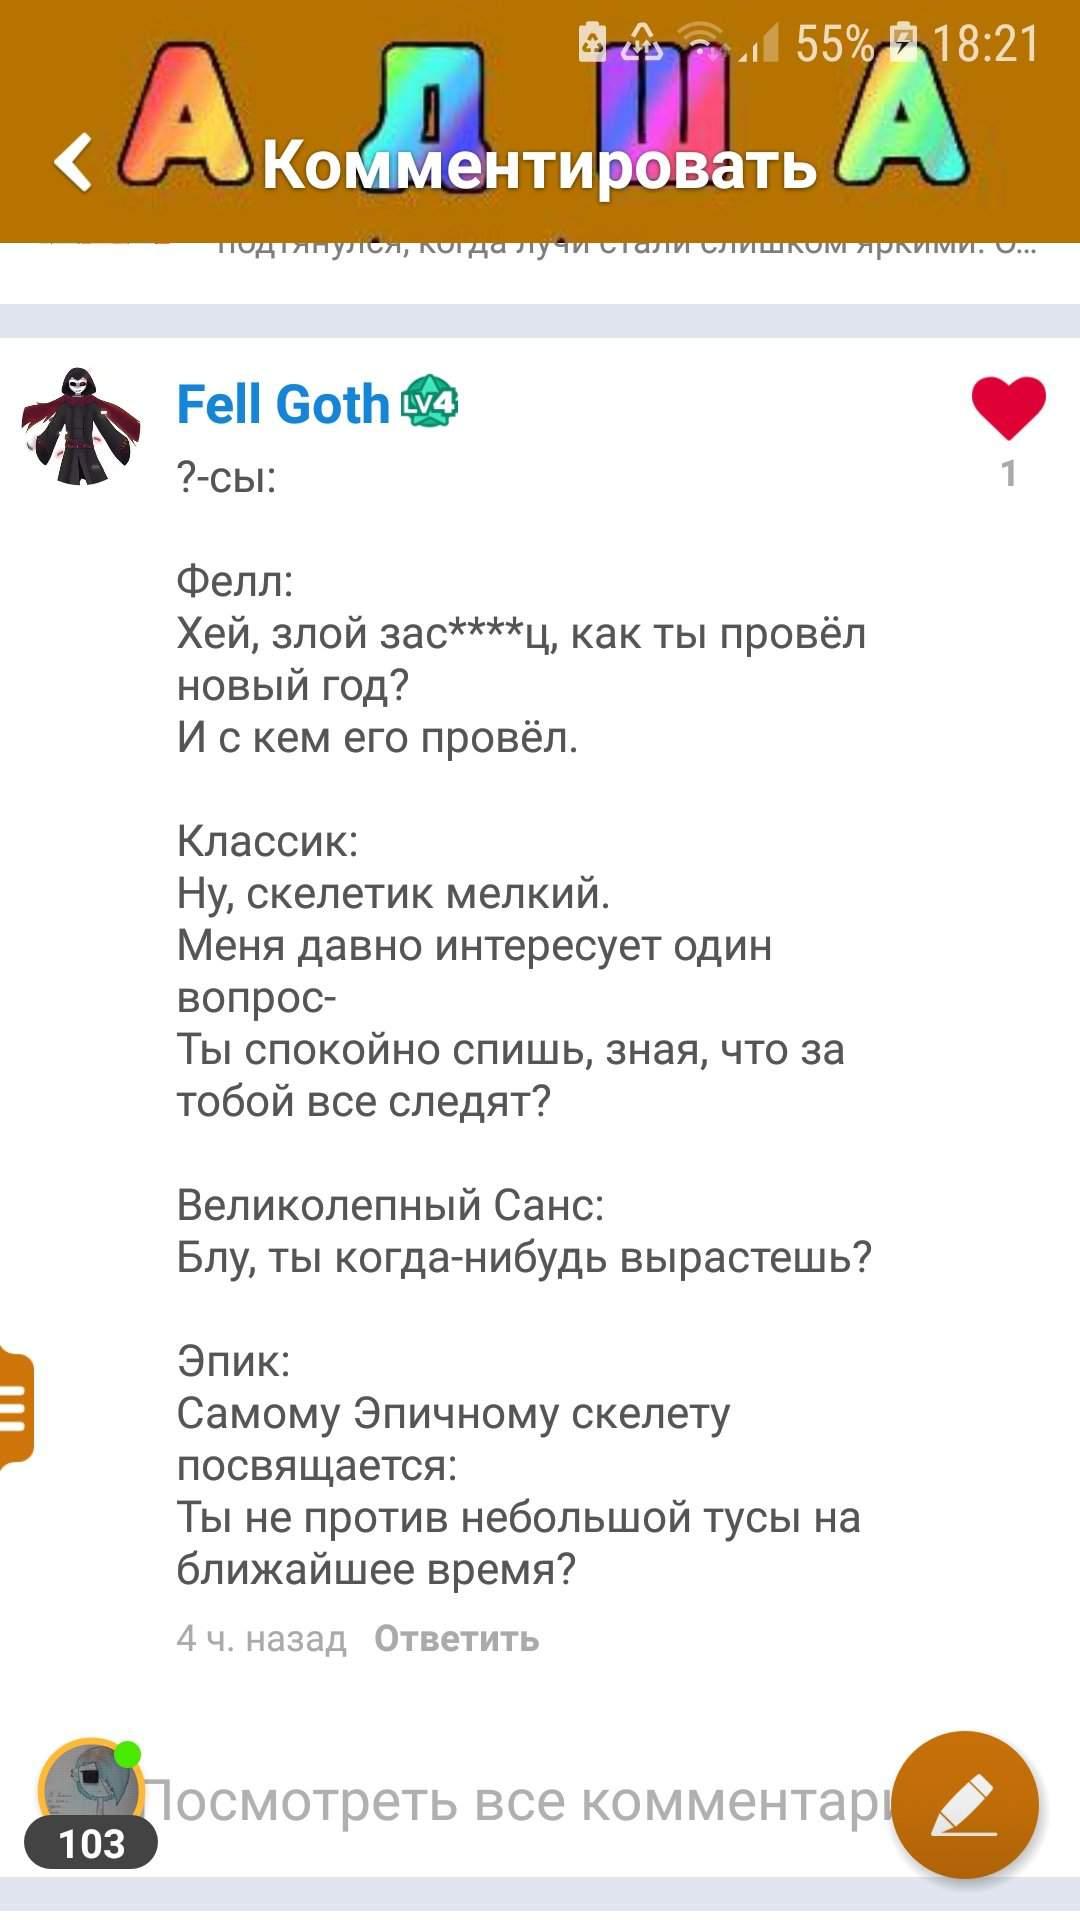 Ask Kompanii Sansov Osobyj Novogodnij Vypusk Andertejl